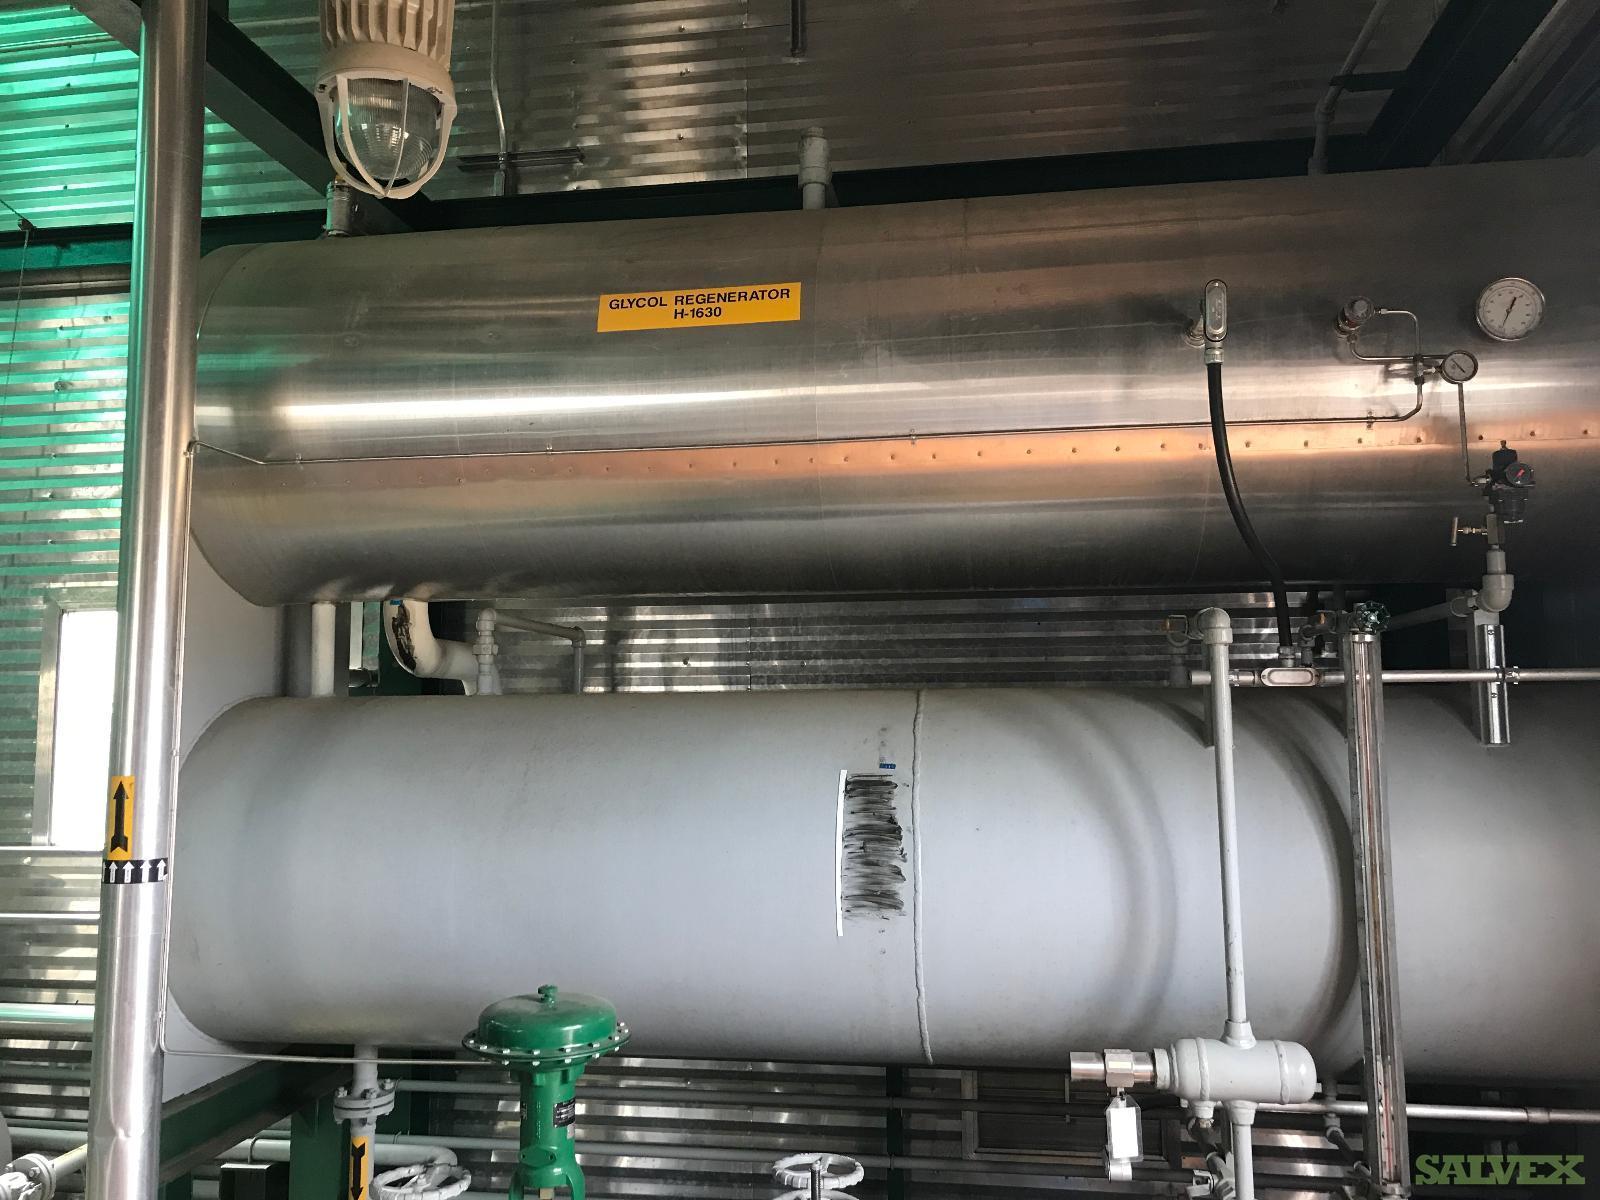 22 MMSCFD Refrigeration System